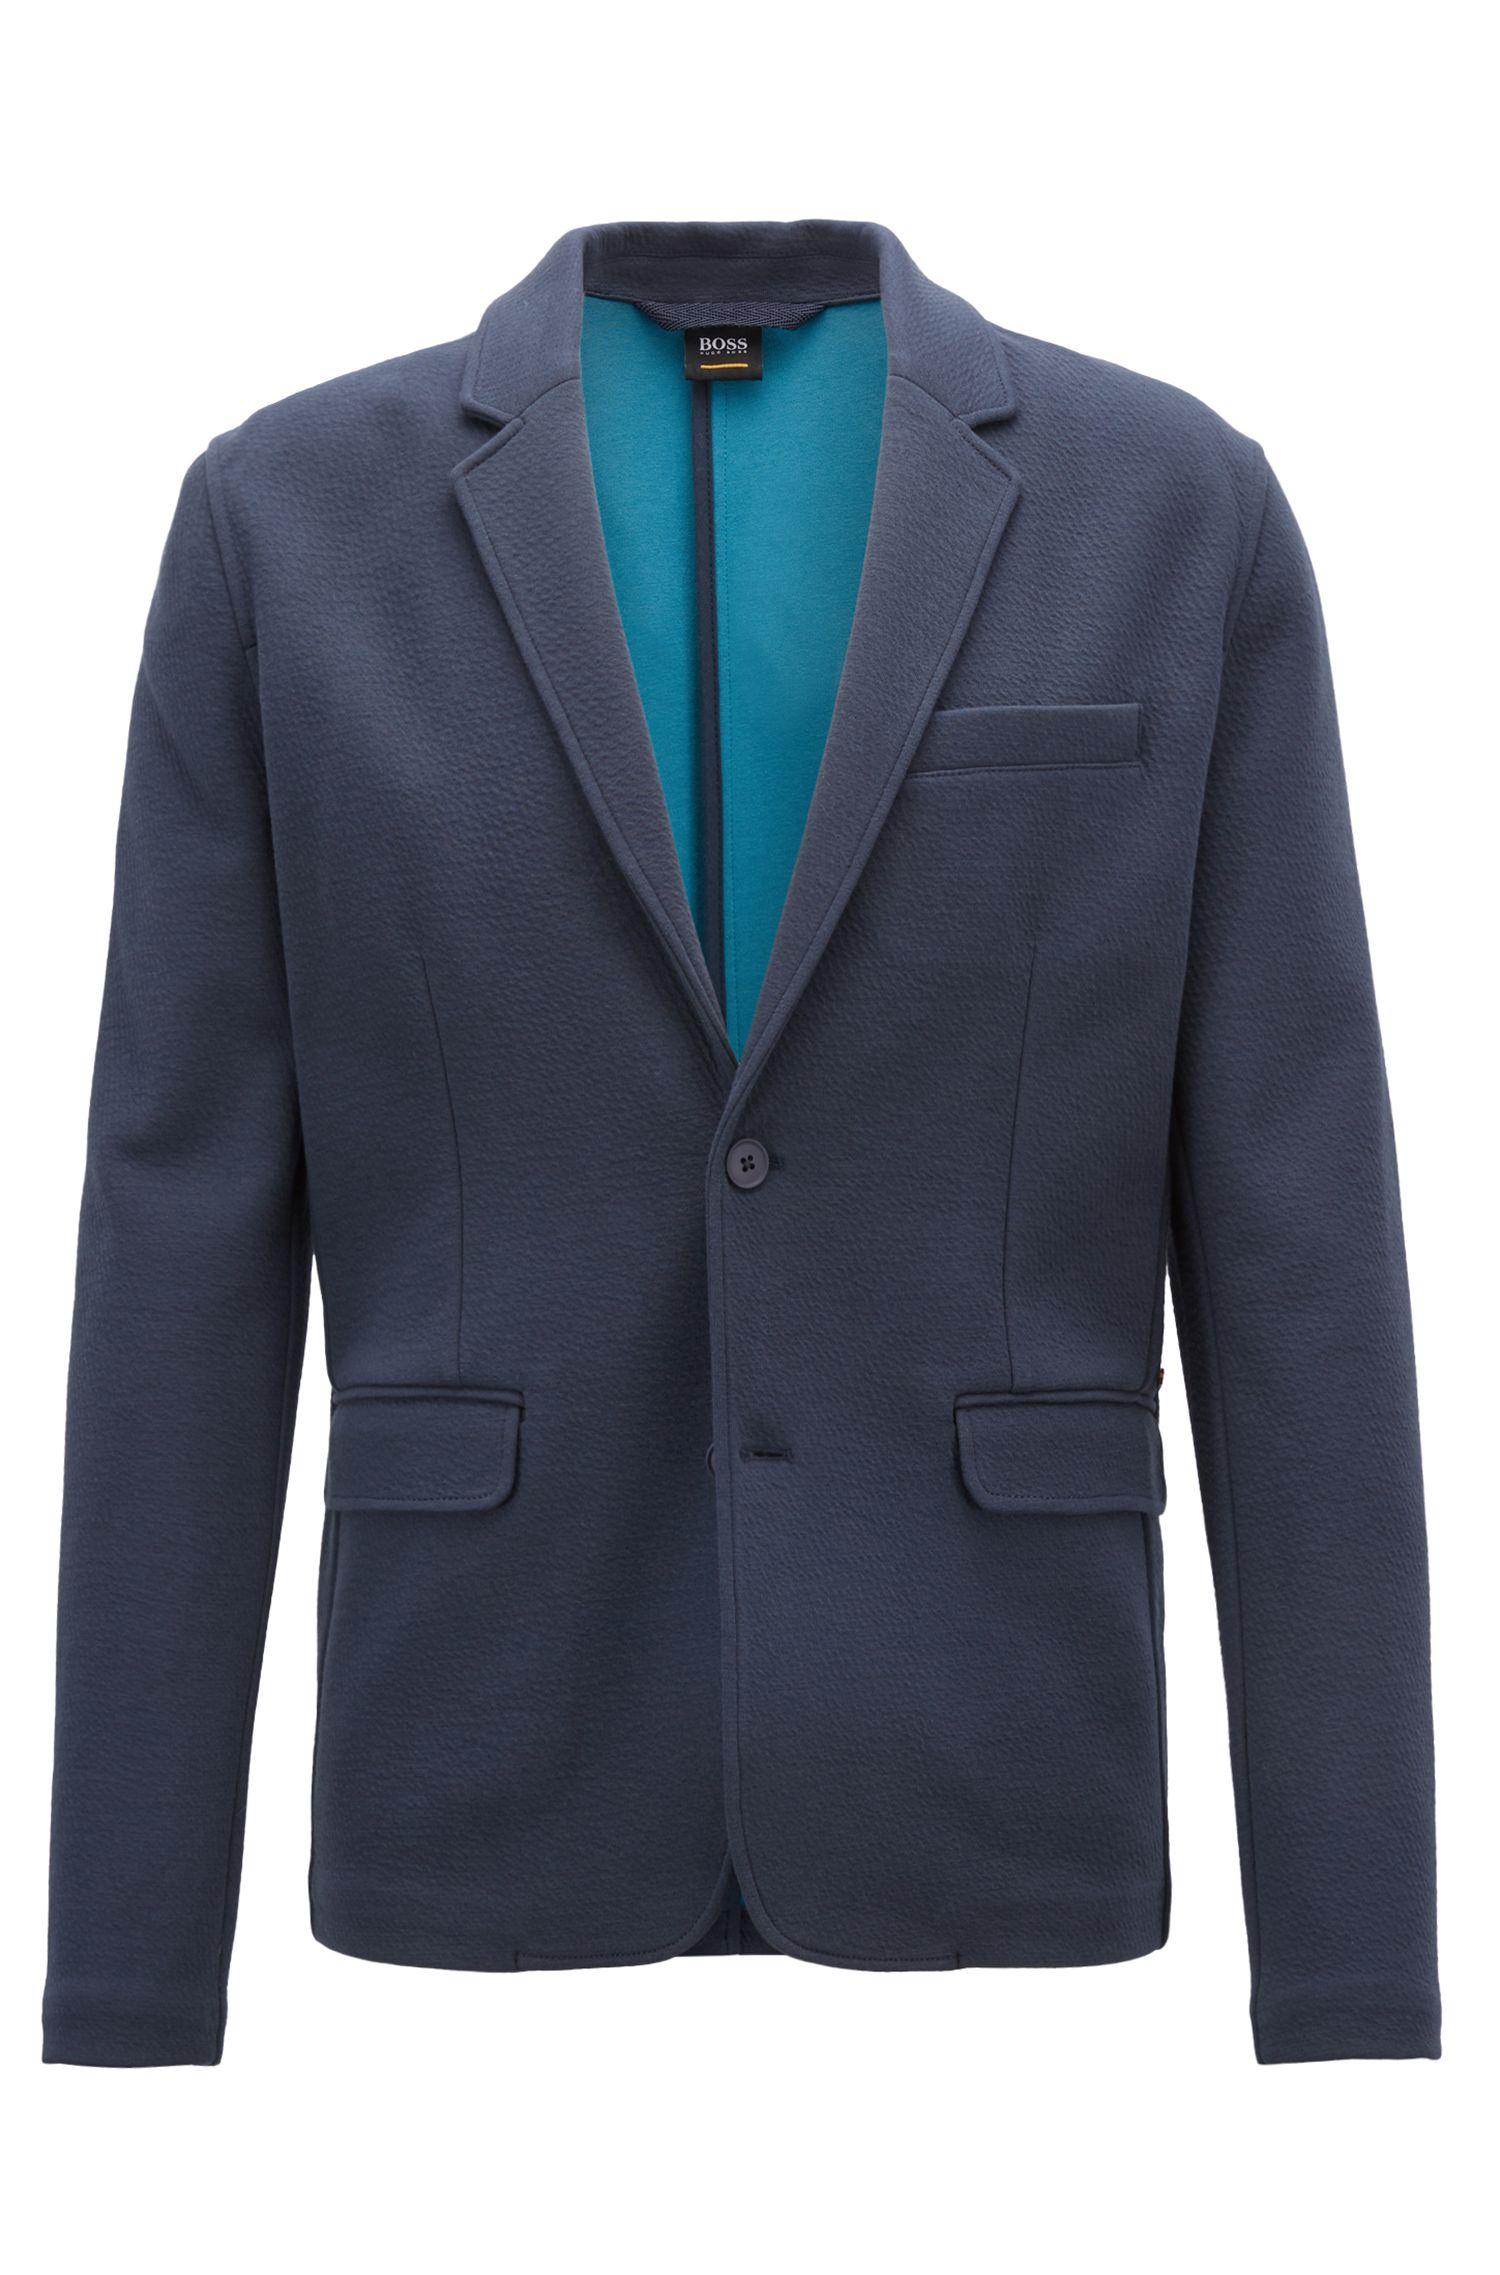 Blazer in stretch jersey with pop-colour detail, Dark Blue